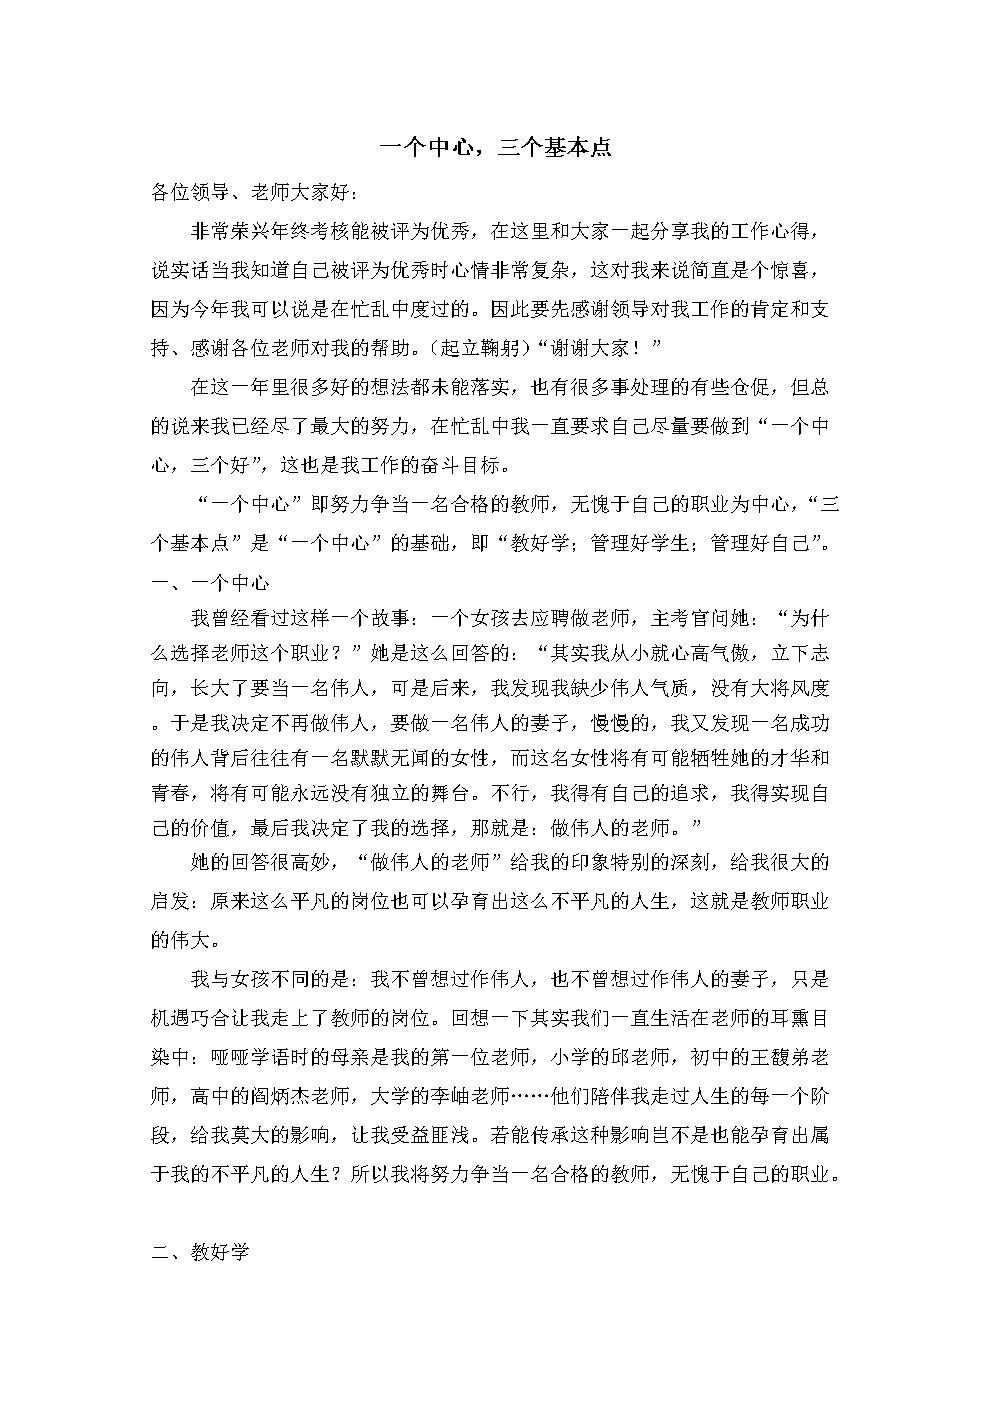 优秀教师报告会汇报材料4.doc